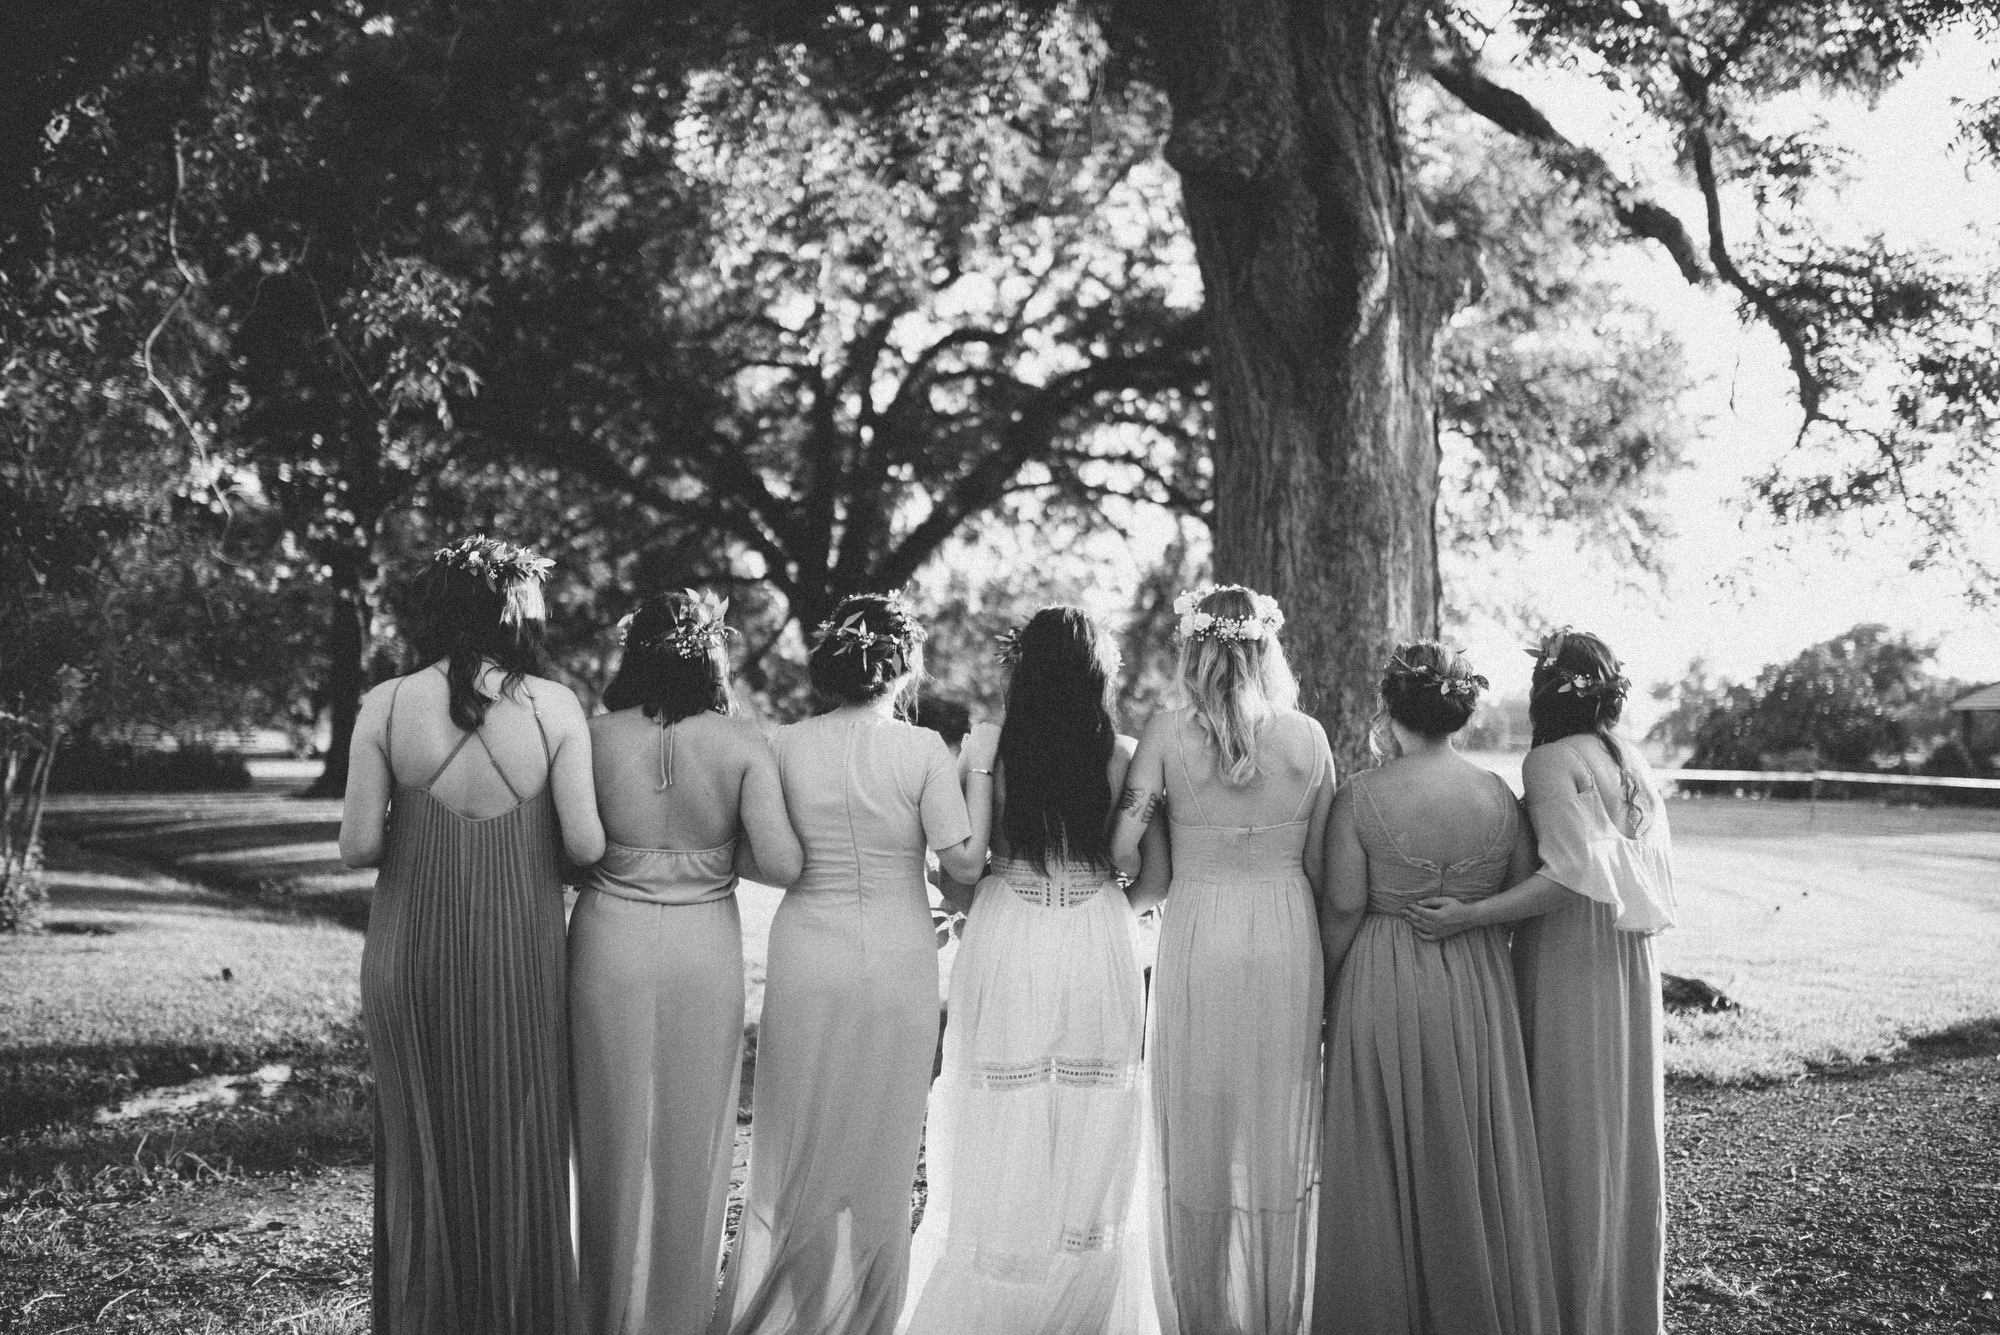 ofRen_weddingphotography068.JPG